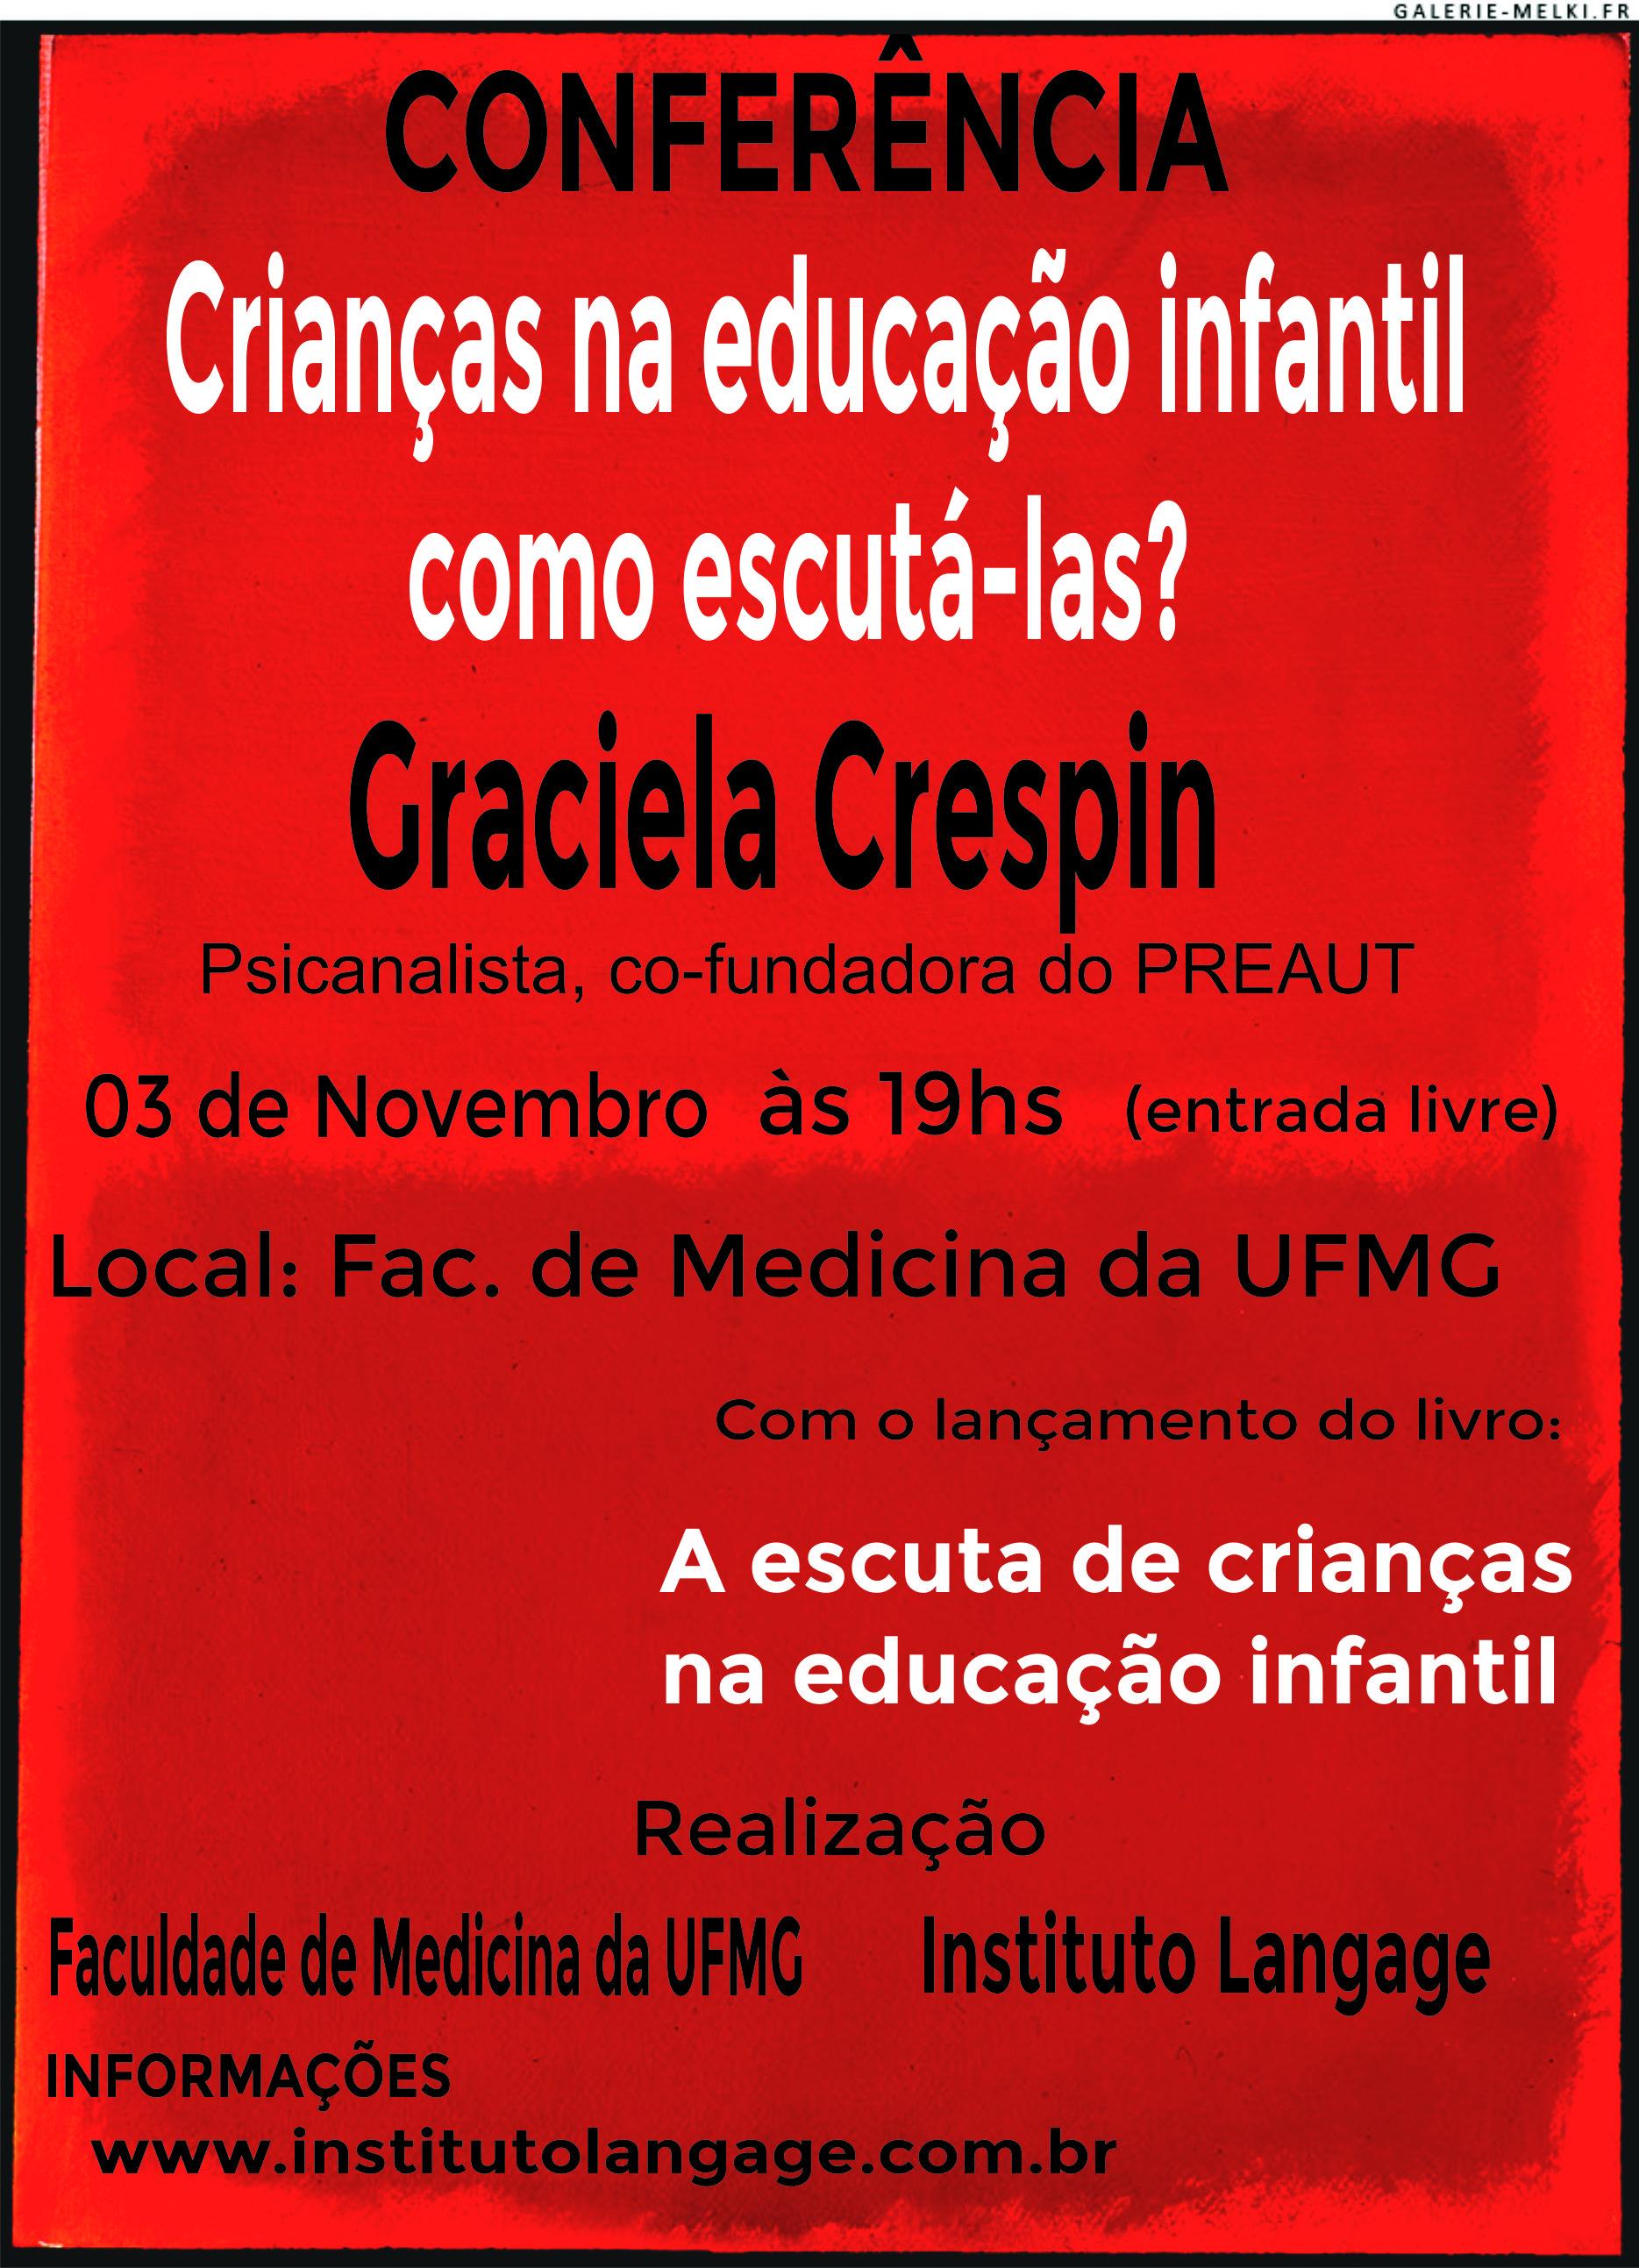 folder-de-lancamento-do-livro-graziela-crespin-031116